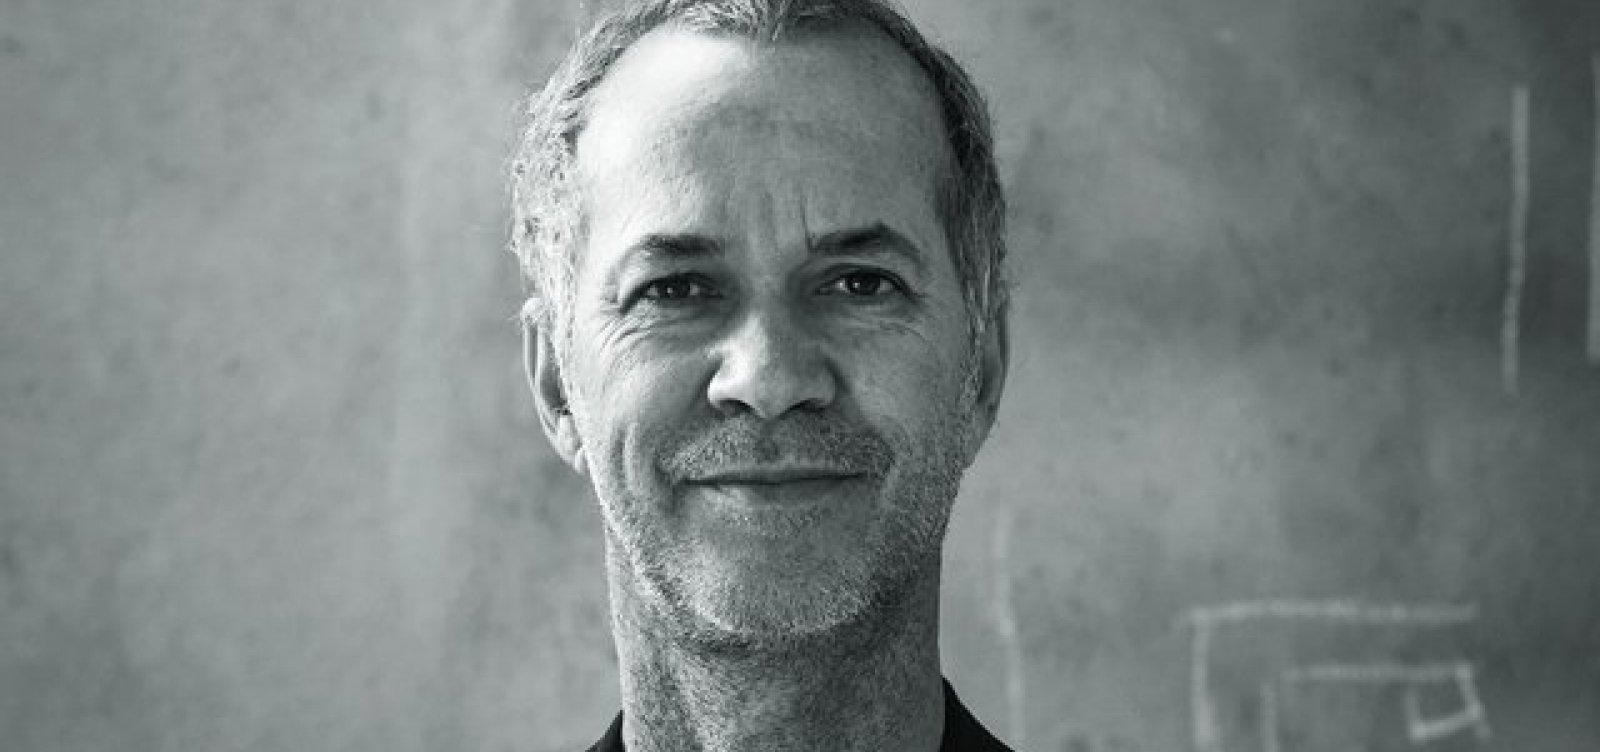 'Só reconstituo acontecimentos do período', diz autor de livro que sugere Raul Seixas como delator de Paulo Coelho